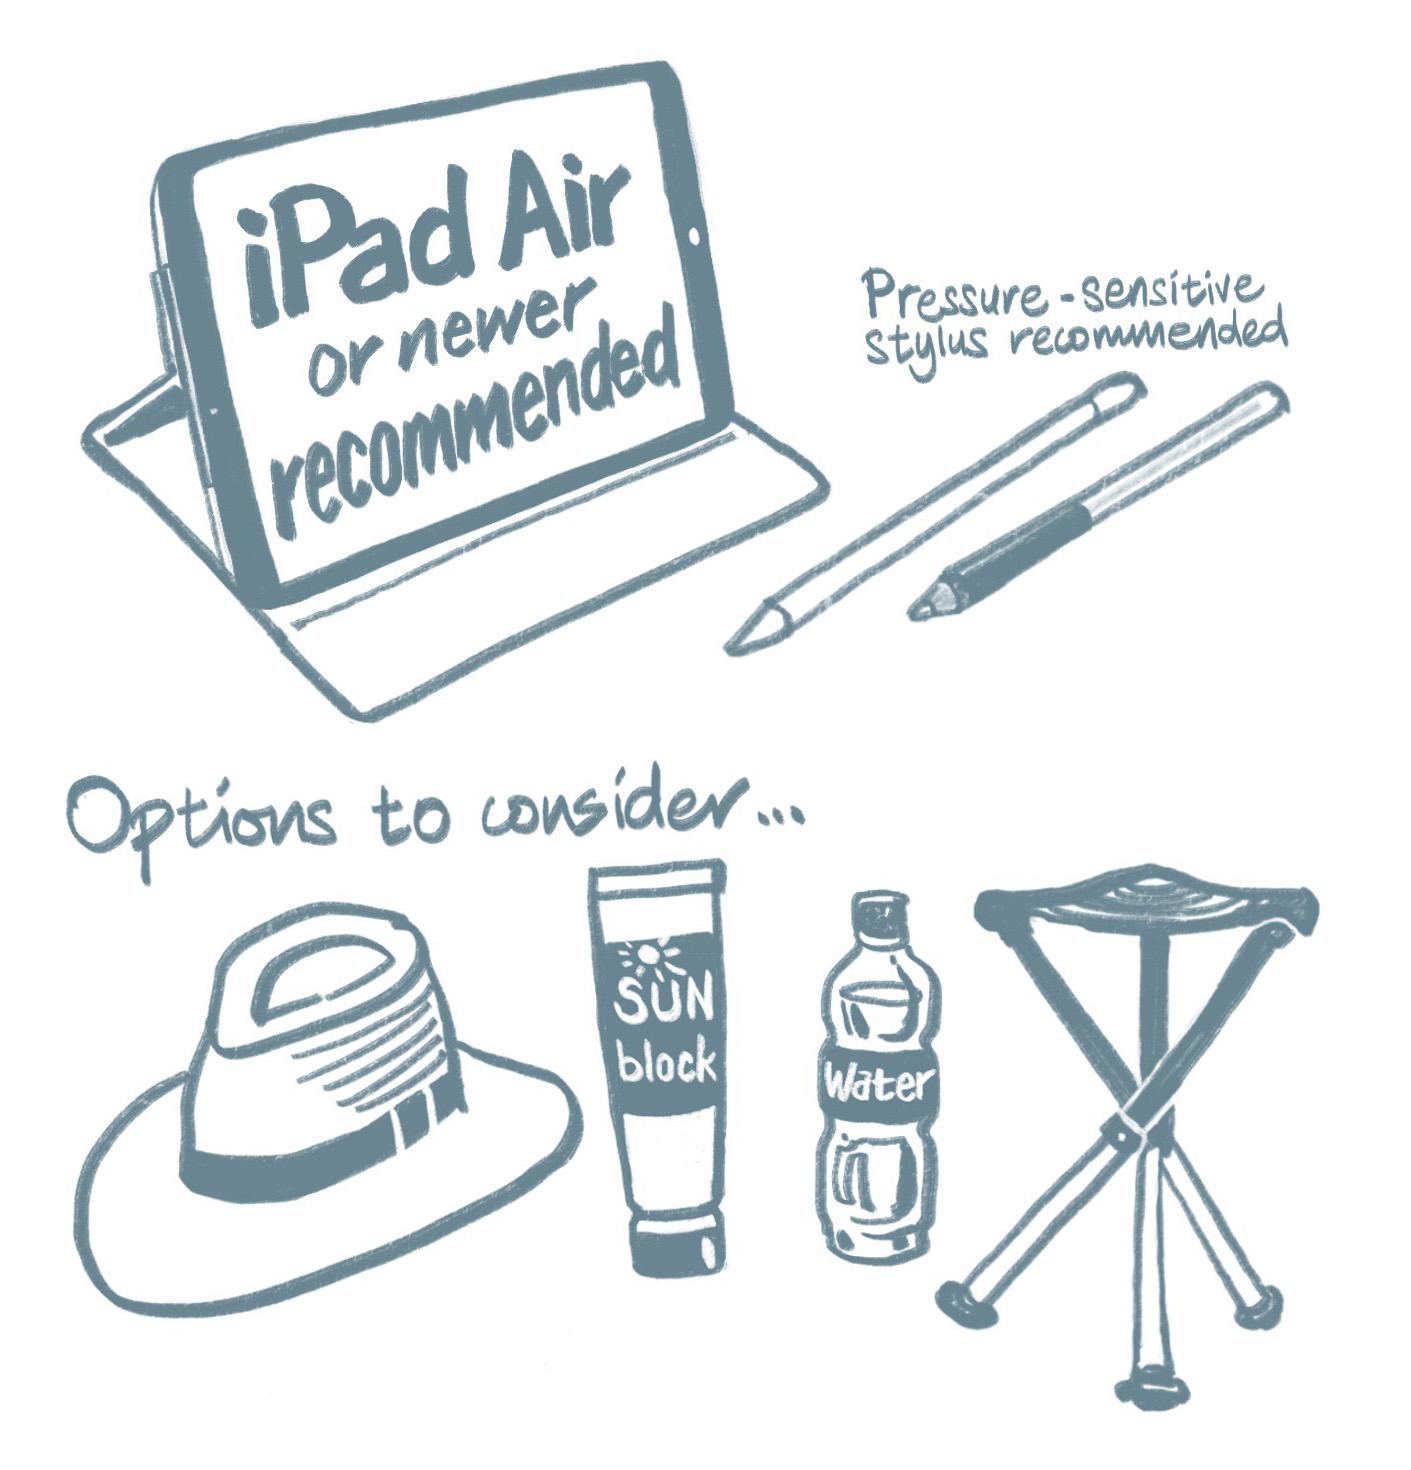 7_iPad workshop-Recommended gear-Sketcherman.jpg